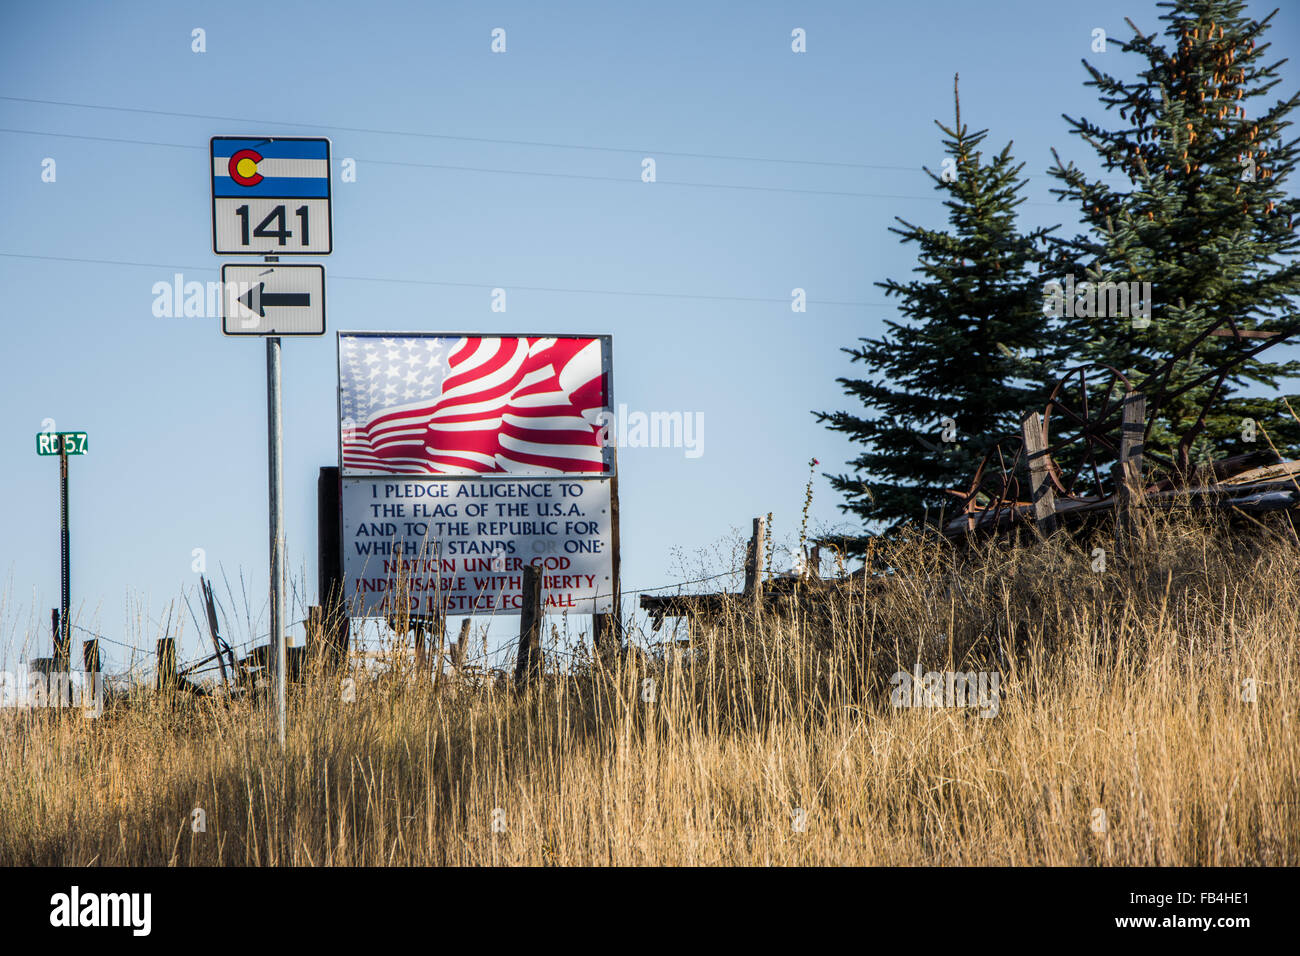 Promesa de Lealtad en la carretera/ patriotismo en el suroeste de Colorado, EE.UU. Imagen De Stock